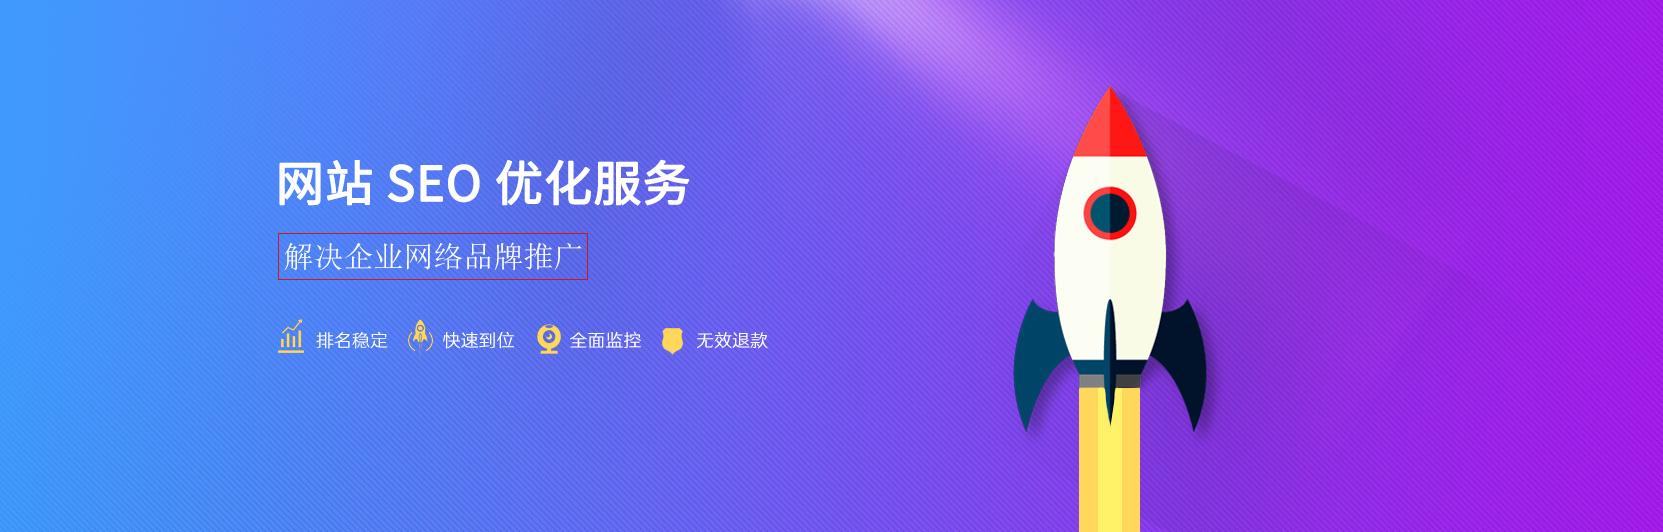 网站seo优化服务